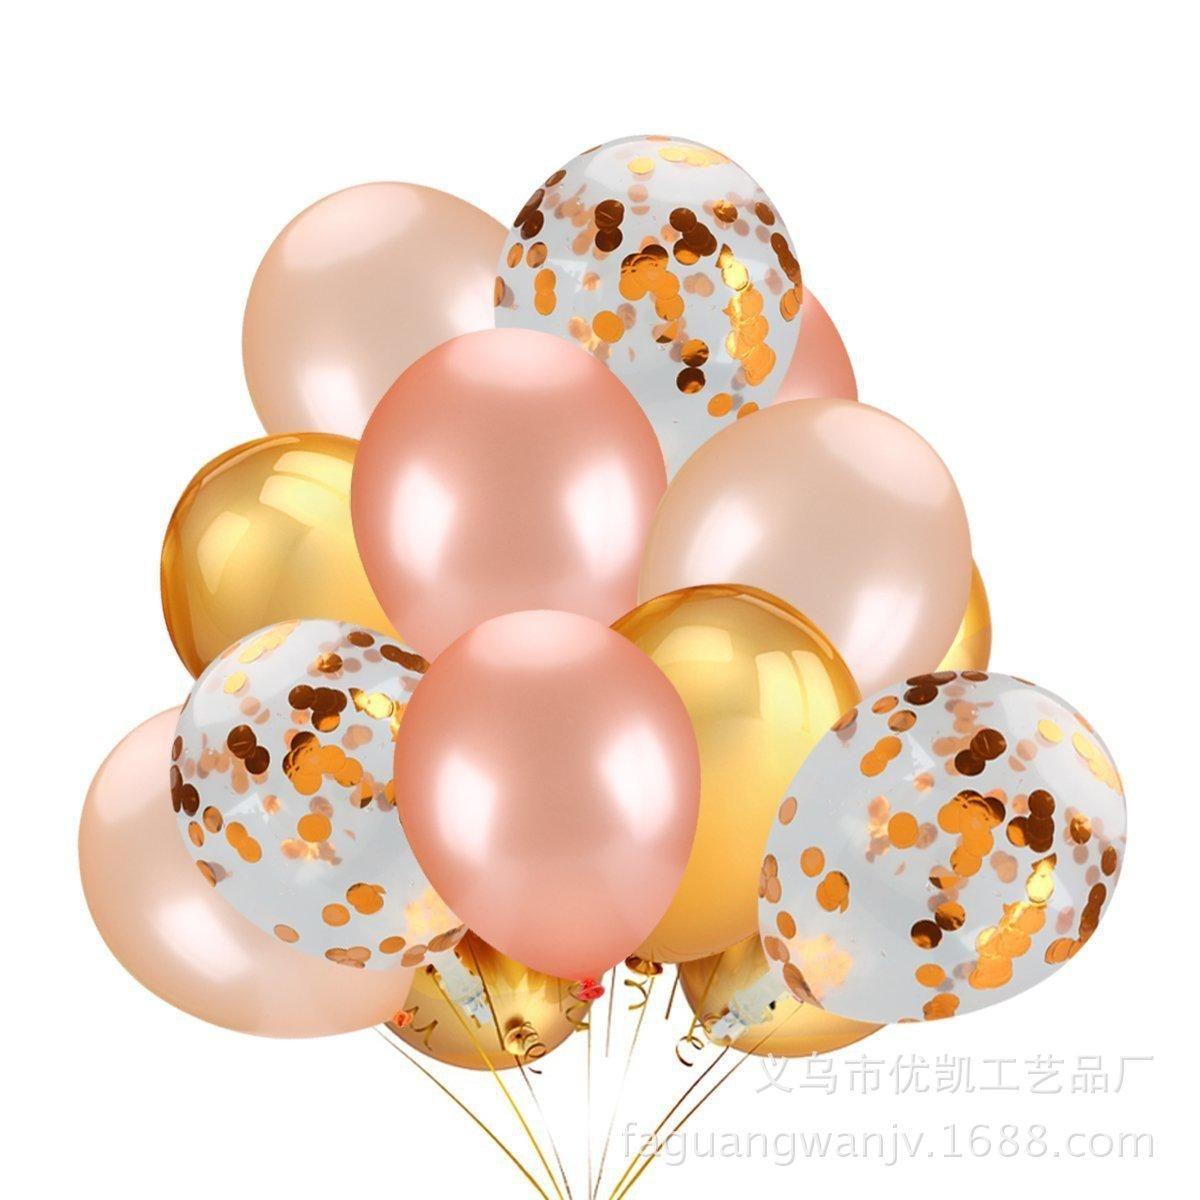 magie transfrontalière transparente à chaud de 12 pouces rose ballon d'or ballon confettis électrostatique magique ballon d'or sequin